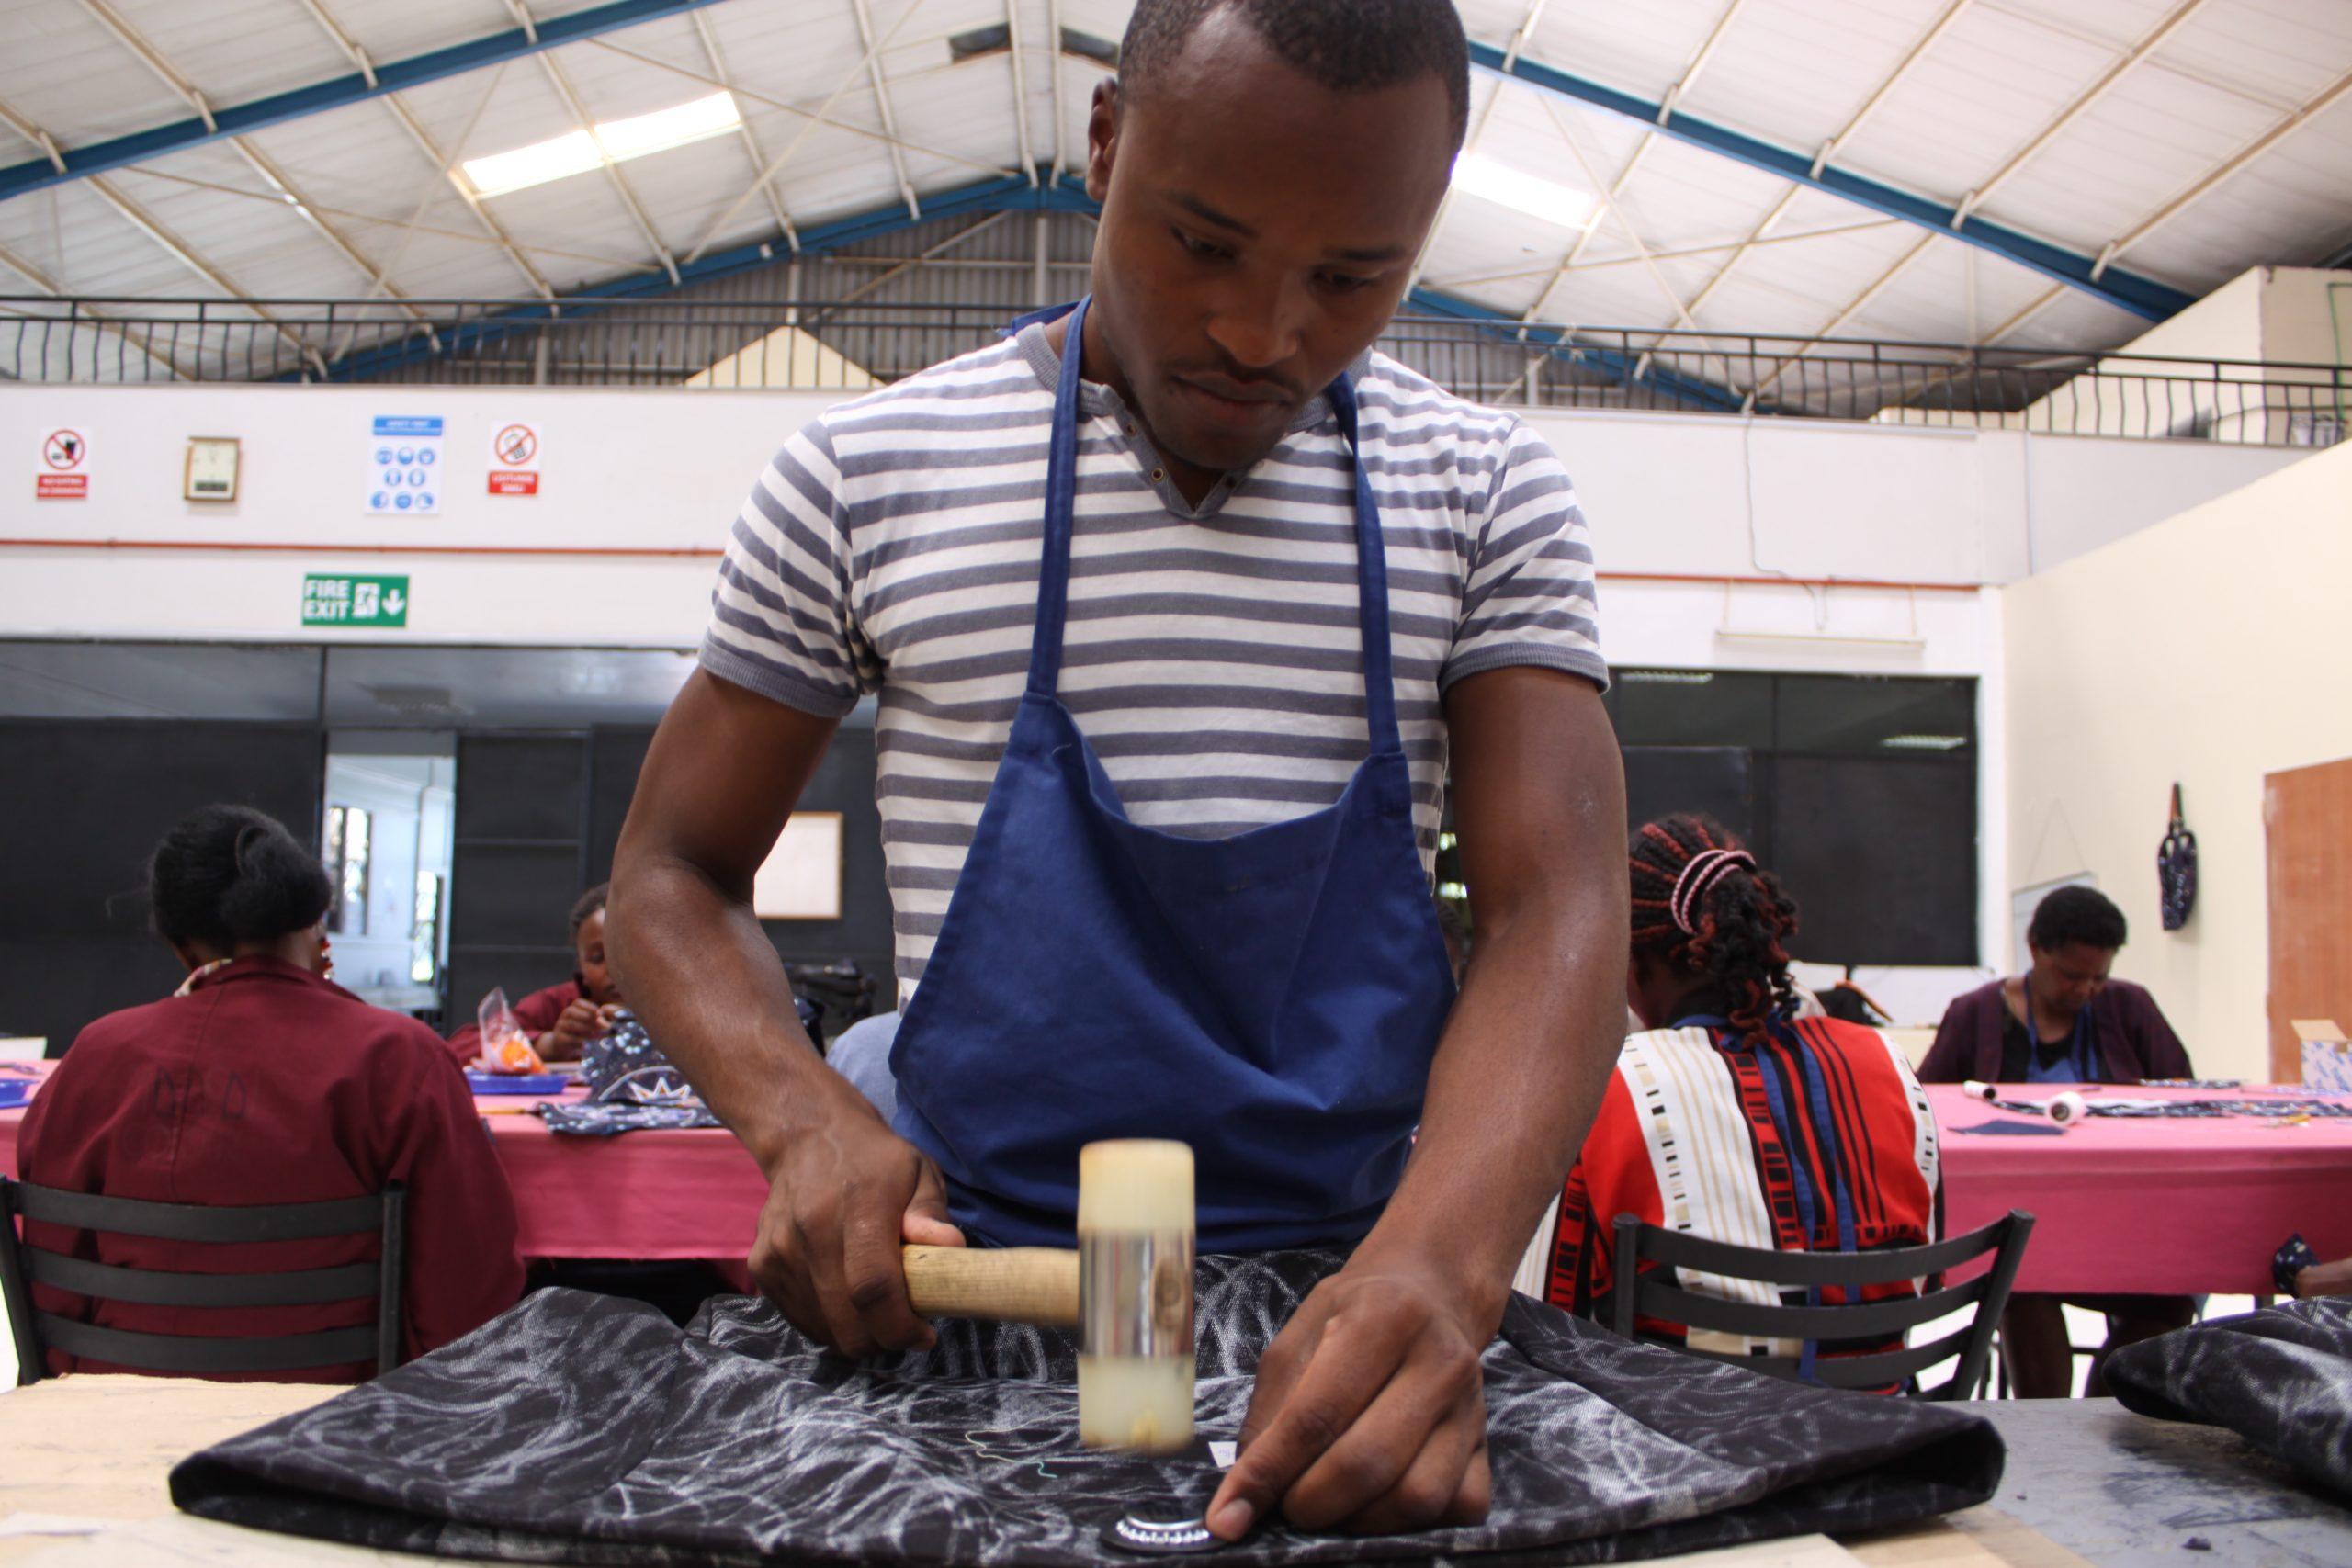 Artisan Fashion Factory in Athi River, Kenya. ©ITC - Ethical Fashion Artisans Ltd-Ethical Fashion Initiative